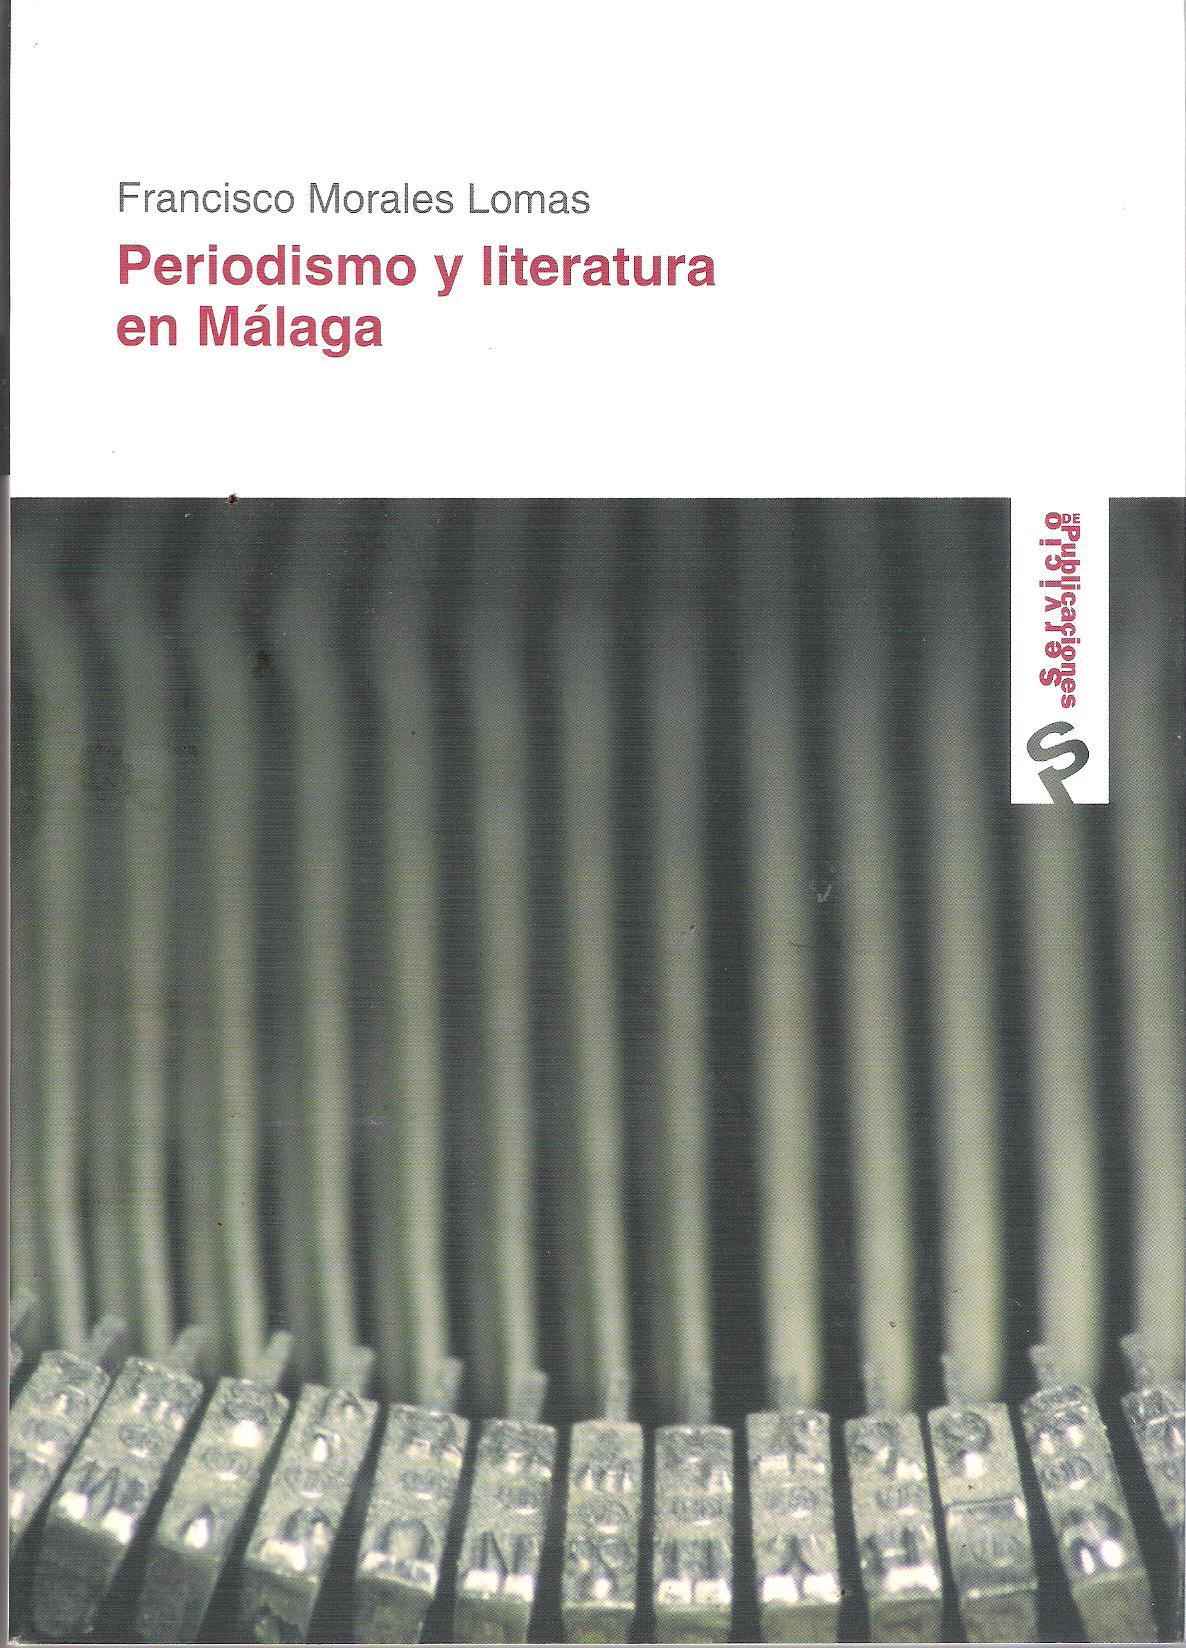 periodismo 001